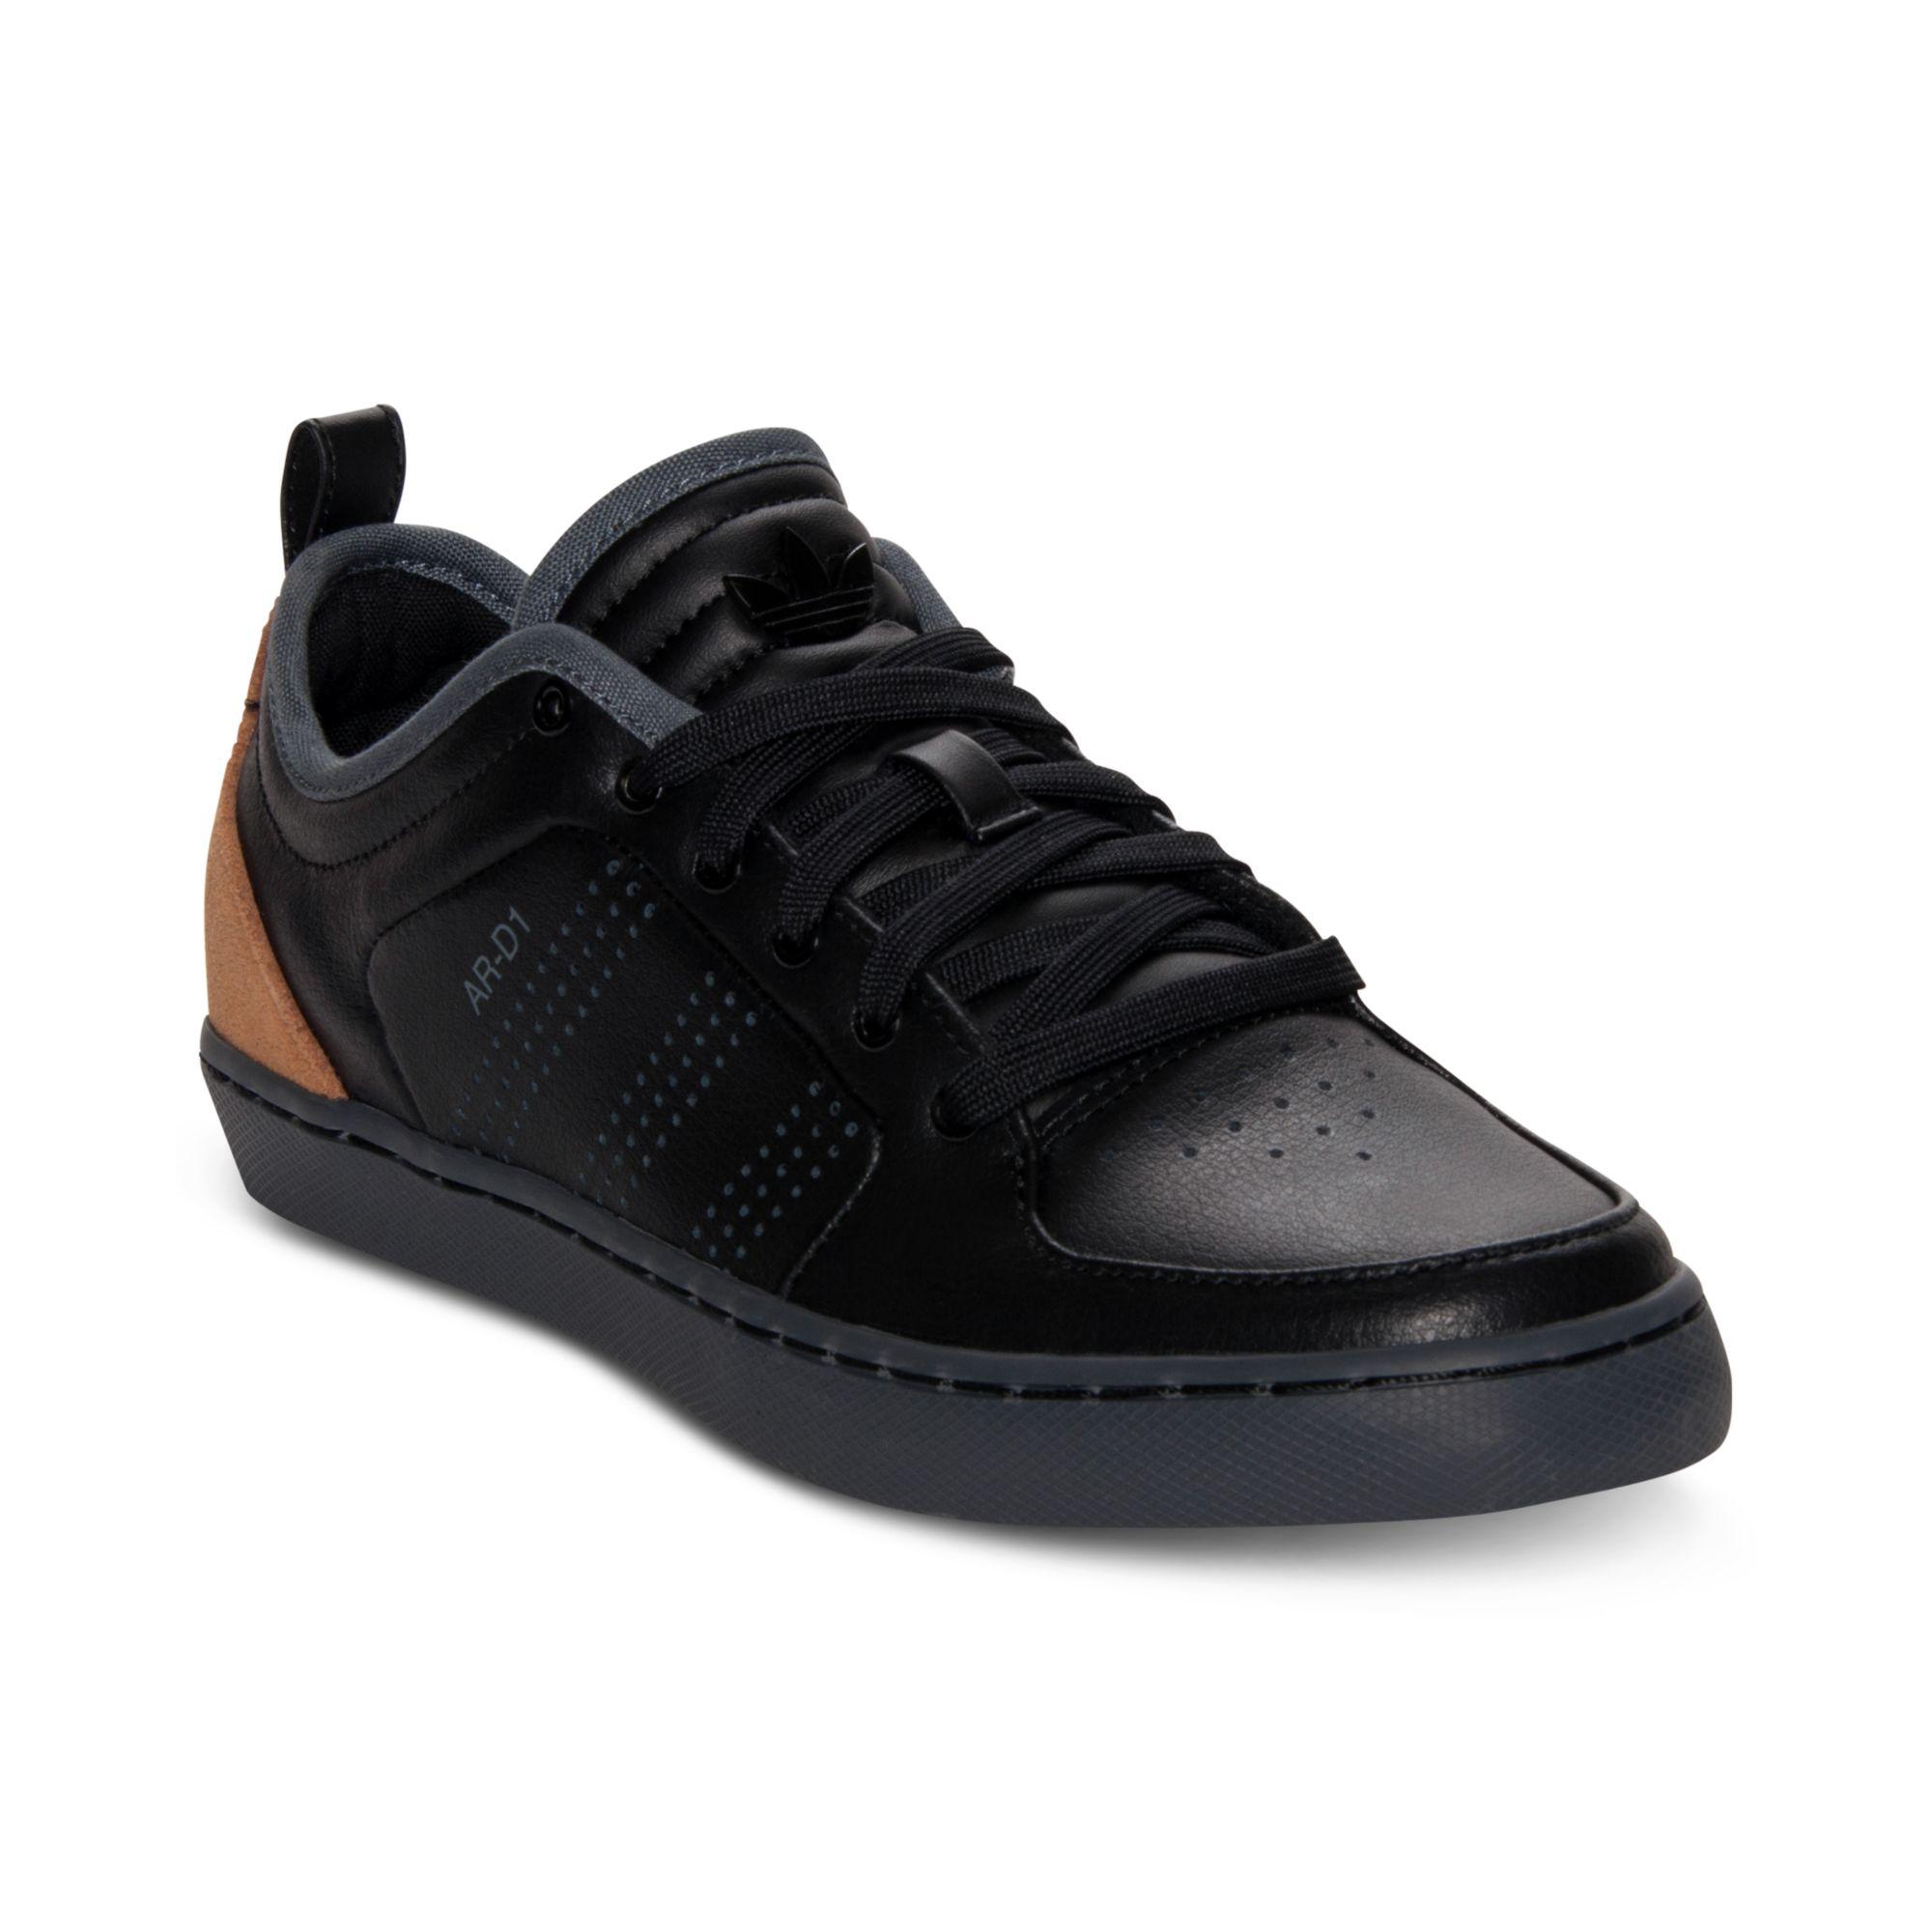 Esmerado Posicionamiento en buscadores Persuasivo  adidas Ard1 Lo Sneakers in Black/Black/Black (Black) for Men - Lyst